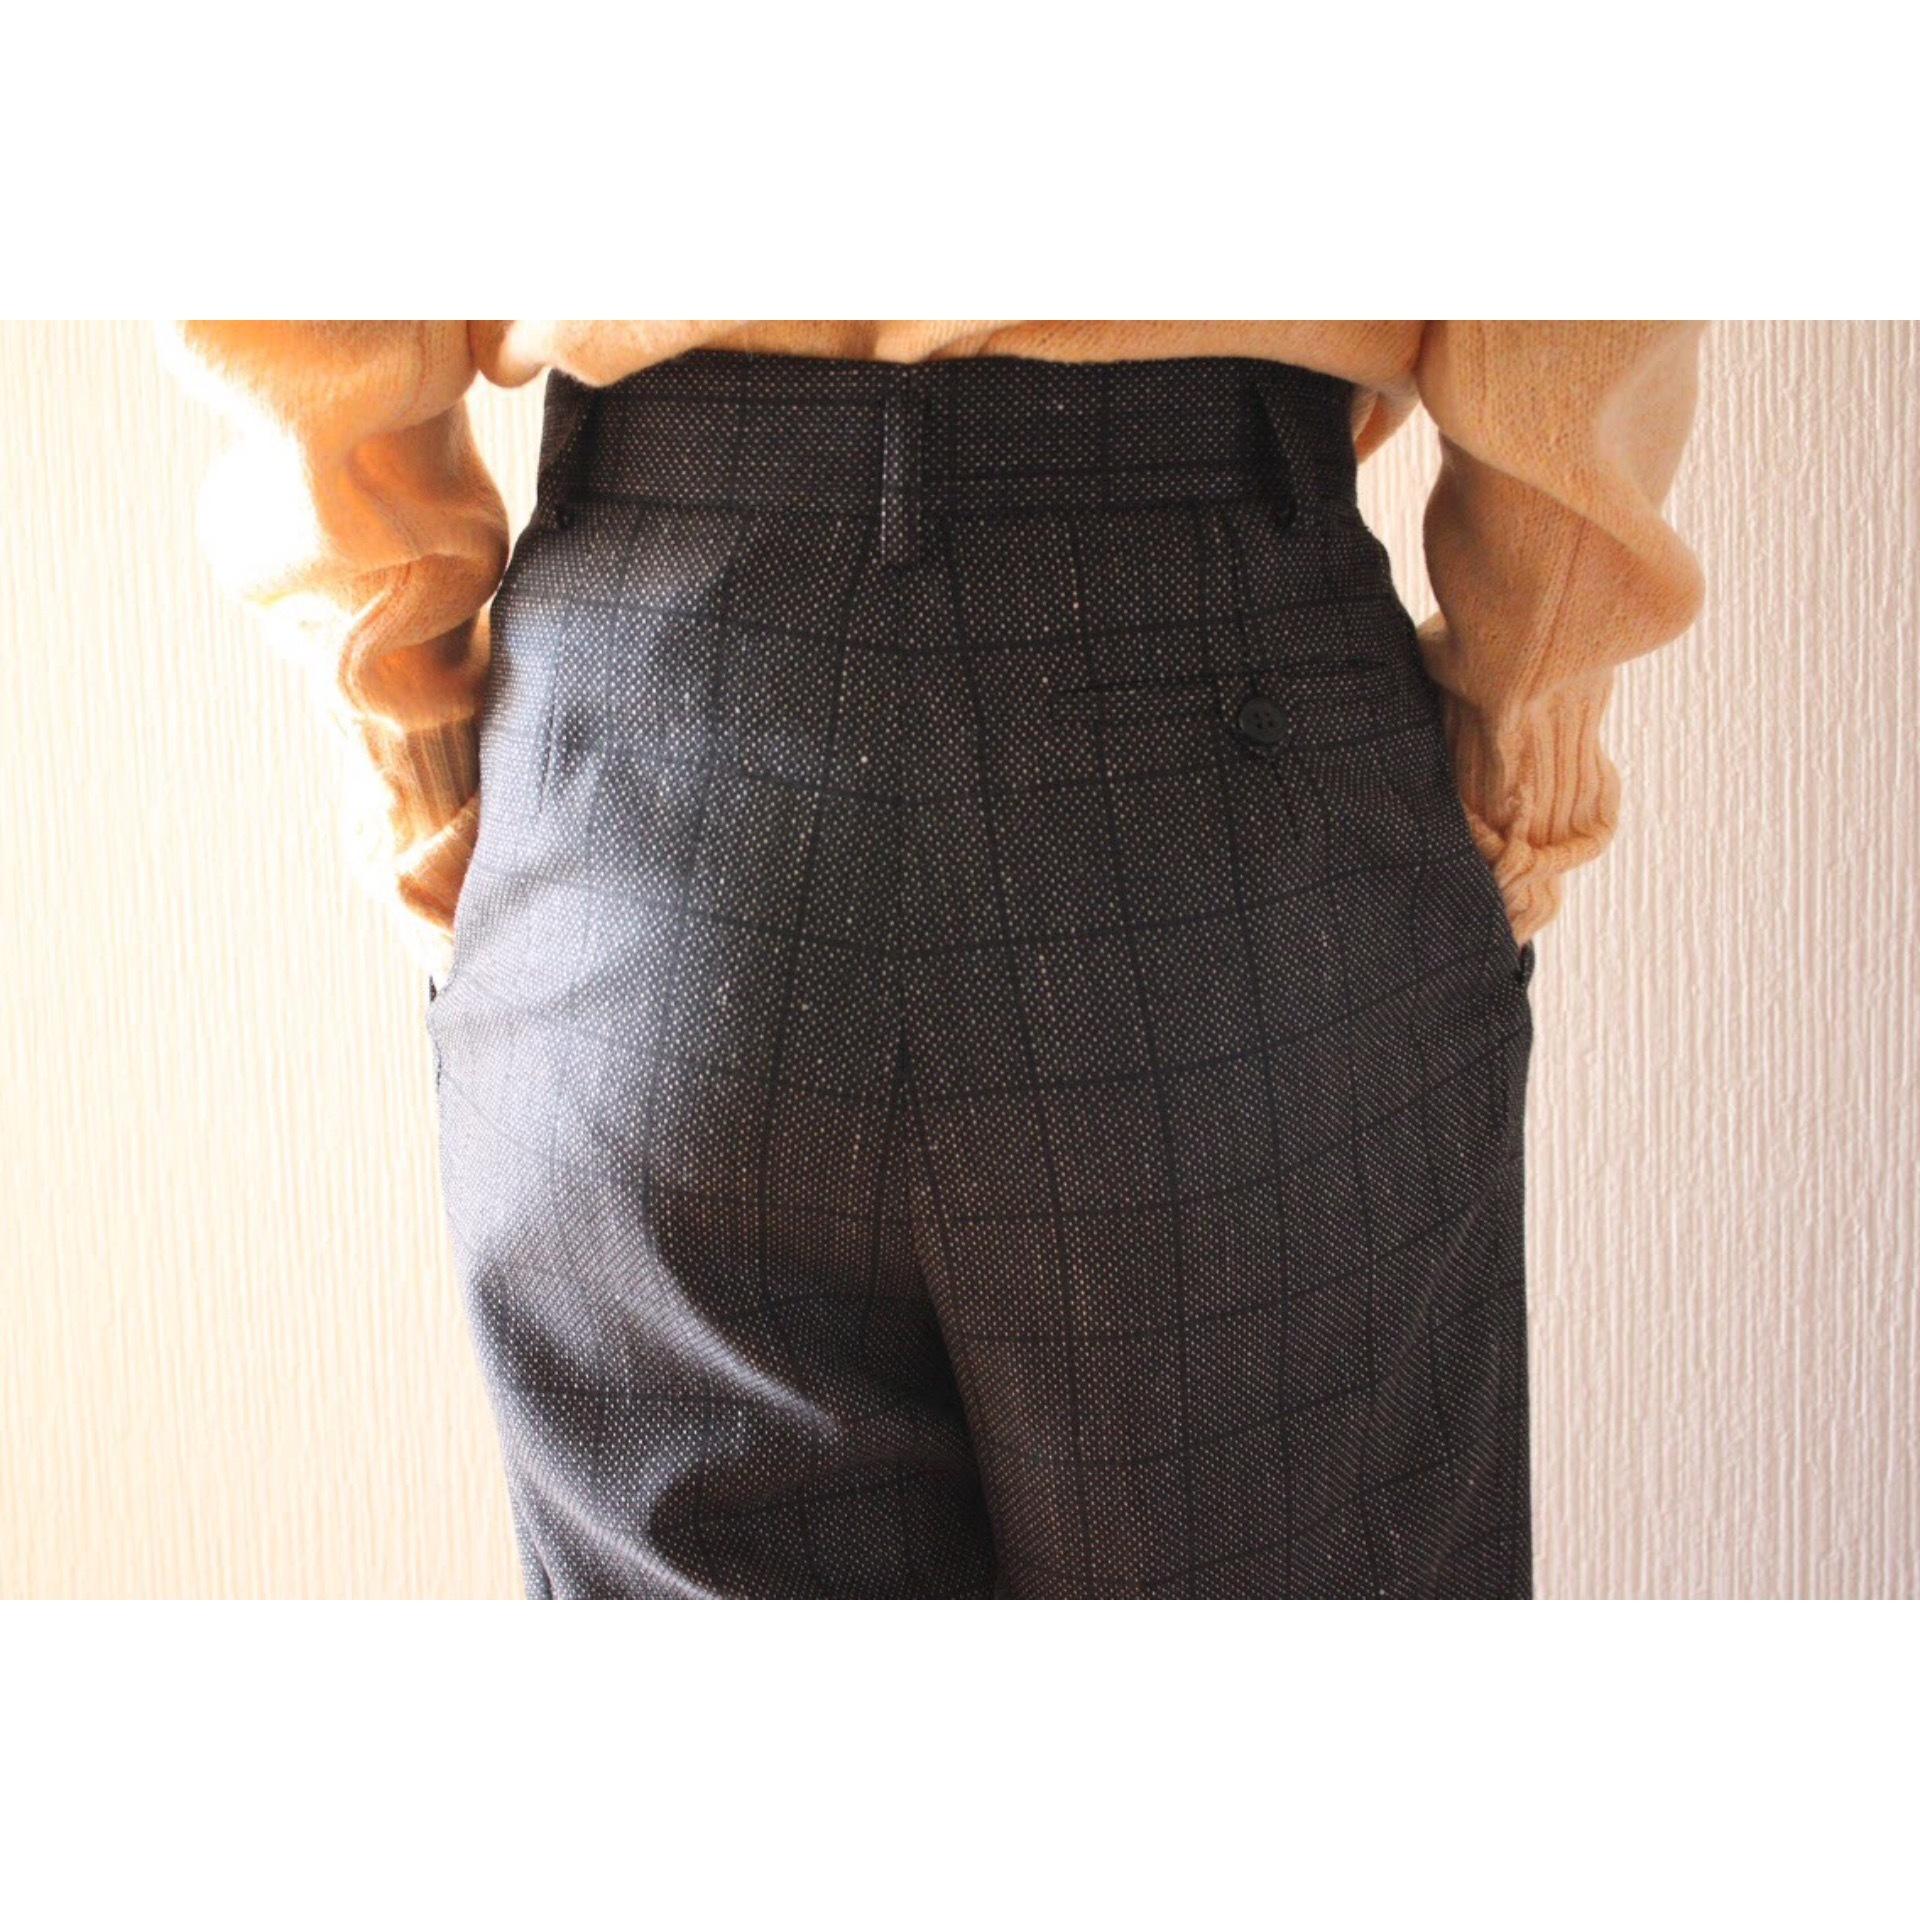 Vintage monotone check slacks